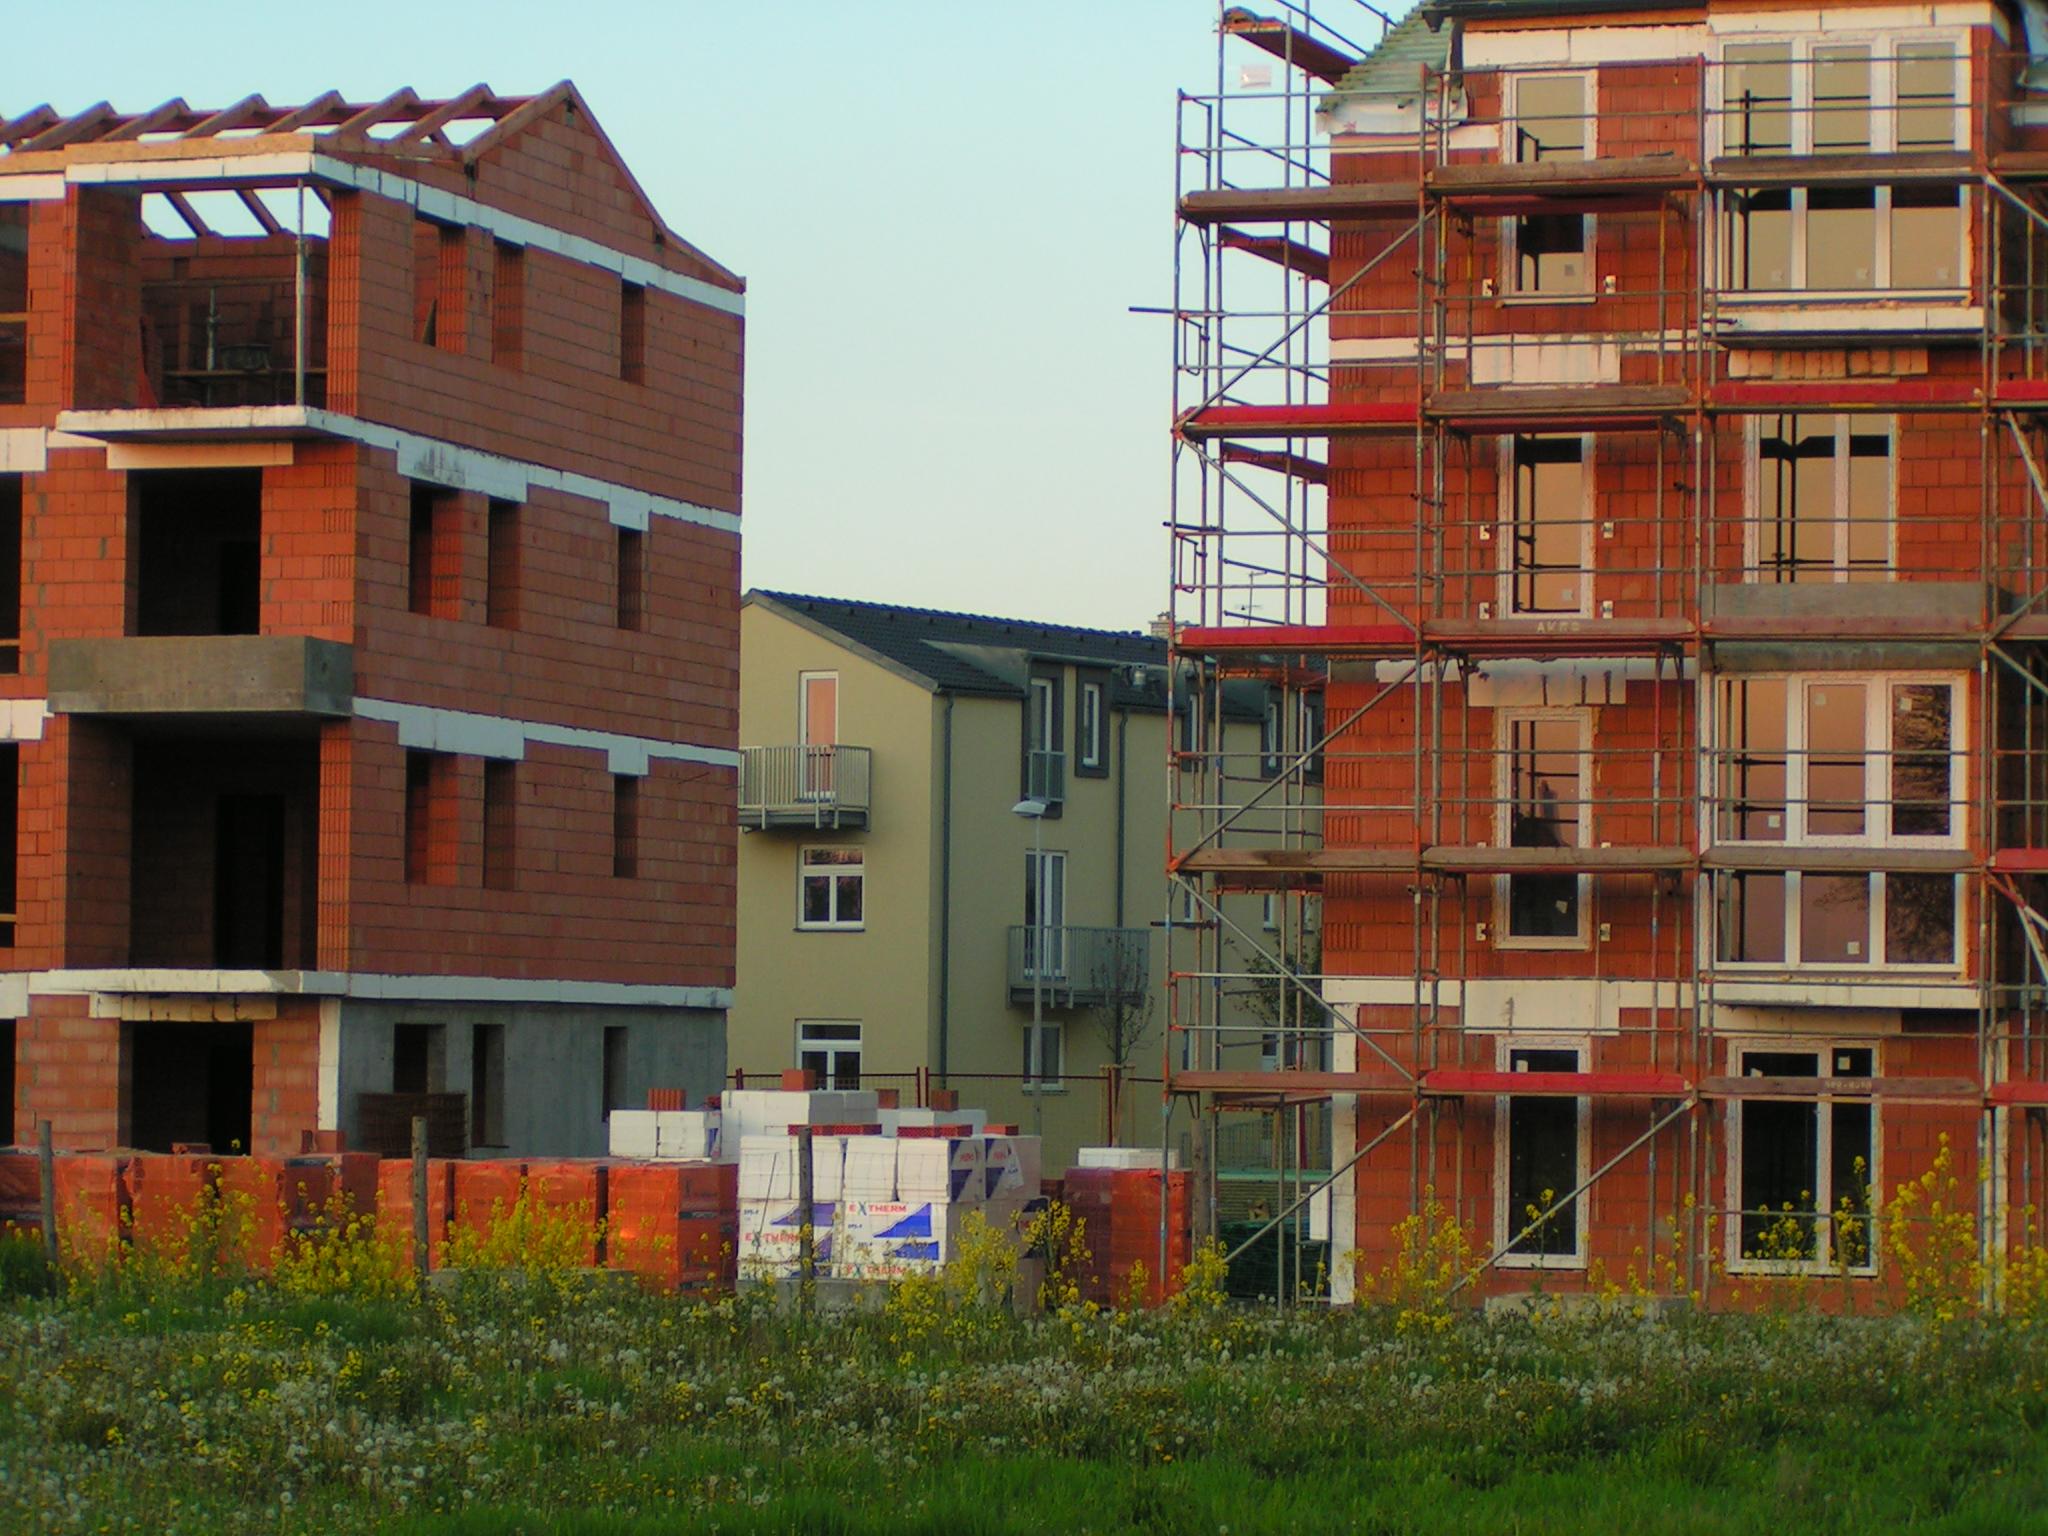 Stavba komplexu bytových domů na bývalé zemědělské půdě, Praha - Vinoř.